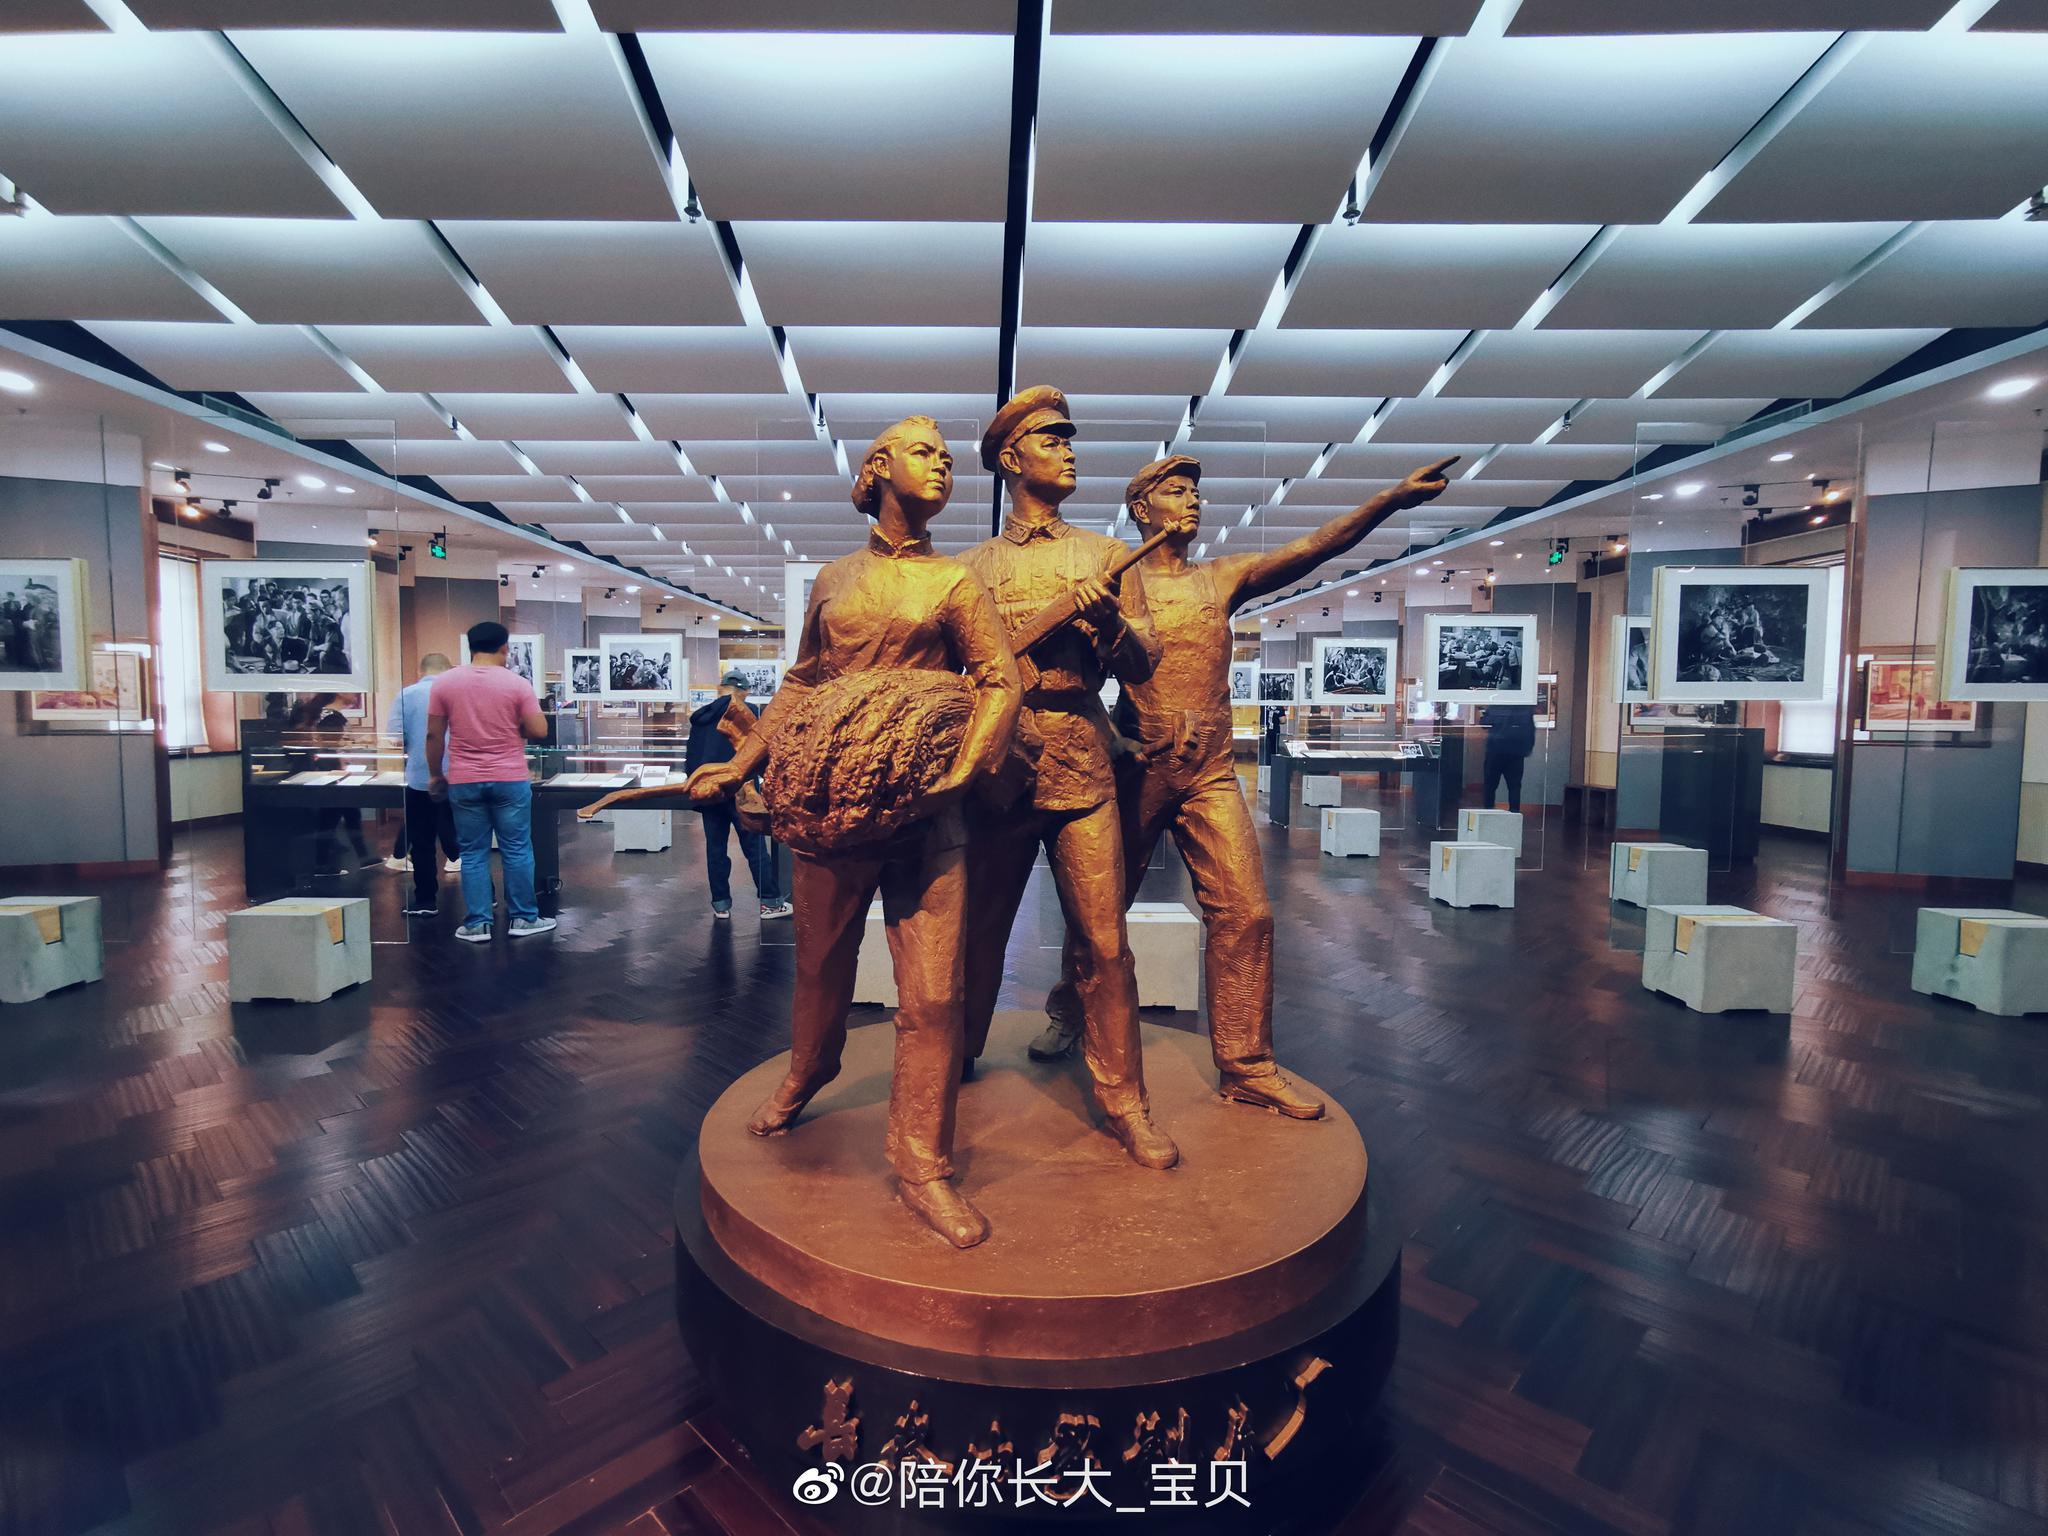 长春电影制片厂旧址博物馆,走进馆内